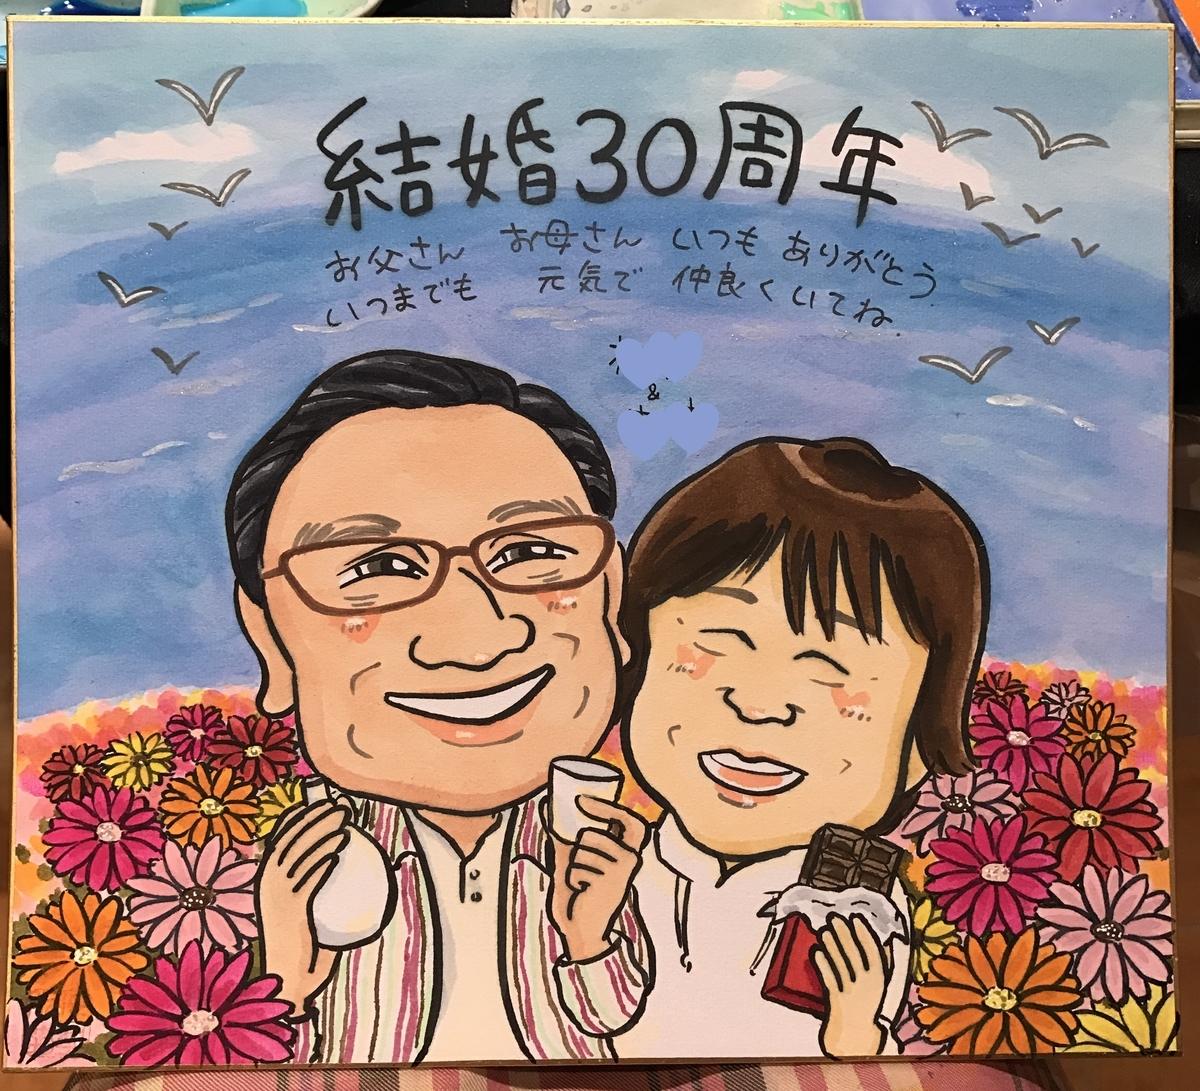 結婚30周年祝いの似顔絵ギフト